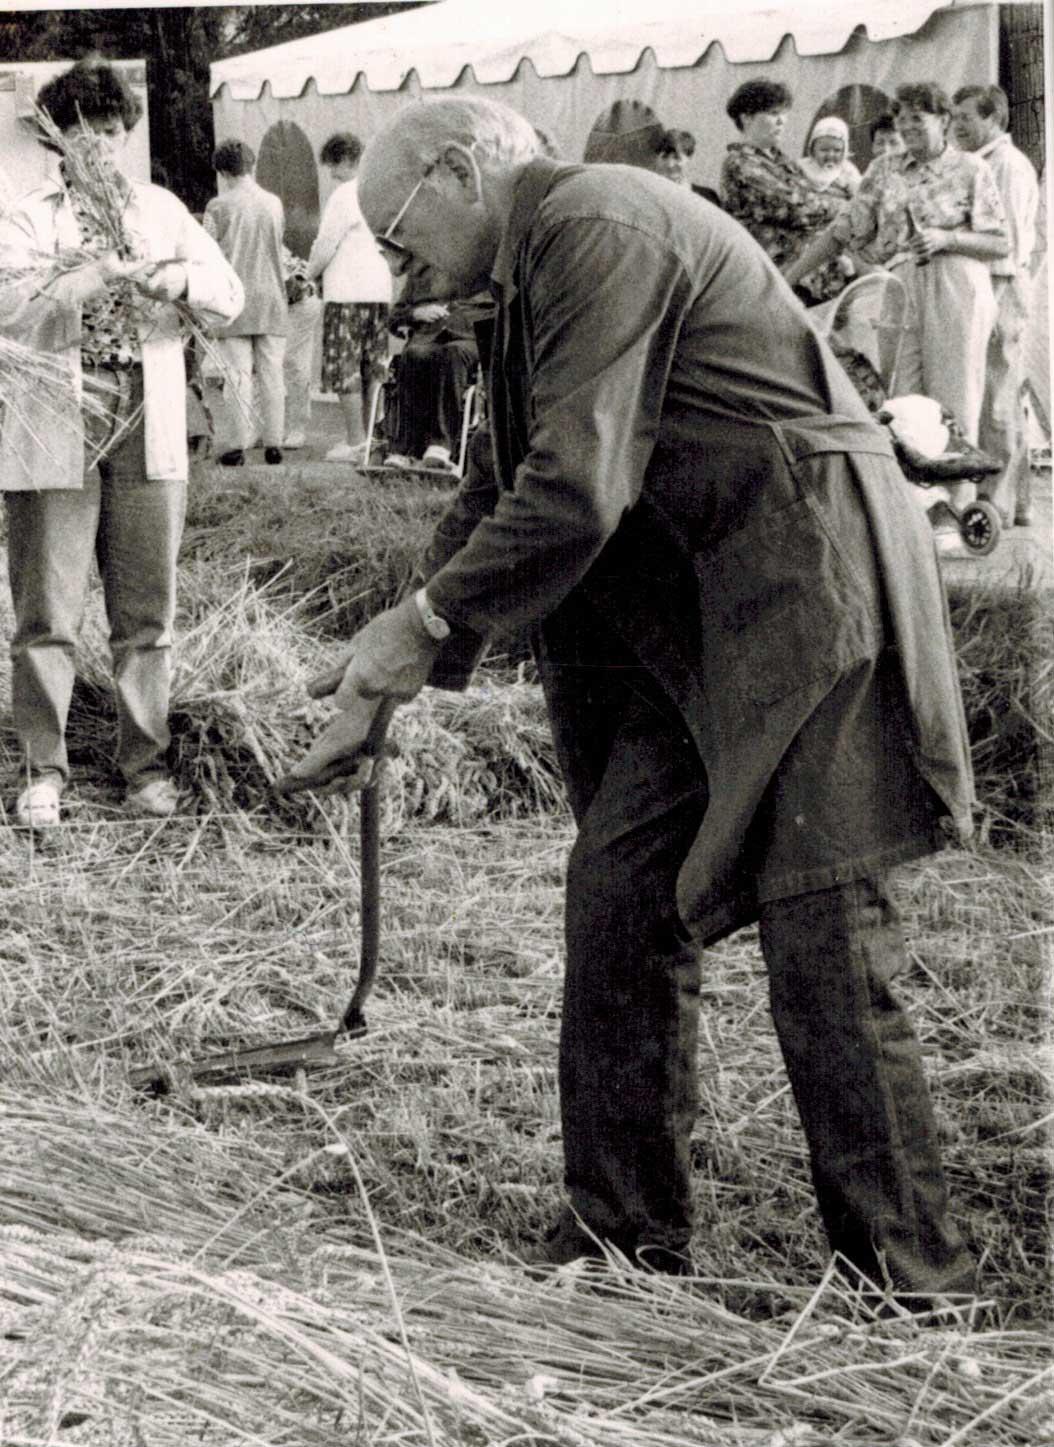 Waldhausens 700 - Jahrfeier 1993 / Waldhausens Altbürgermeister Heinrich Jäger aus dem Ortsteil Echelnpöten demonstriert das Getreidemähen mit einer Sense.